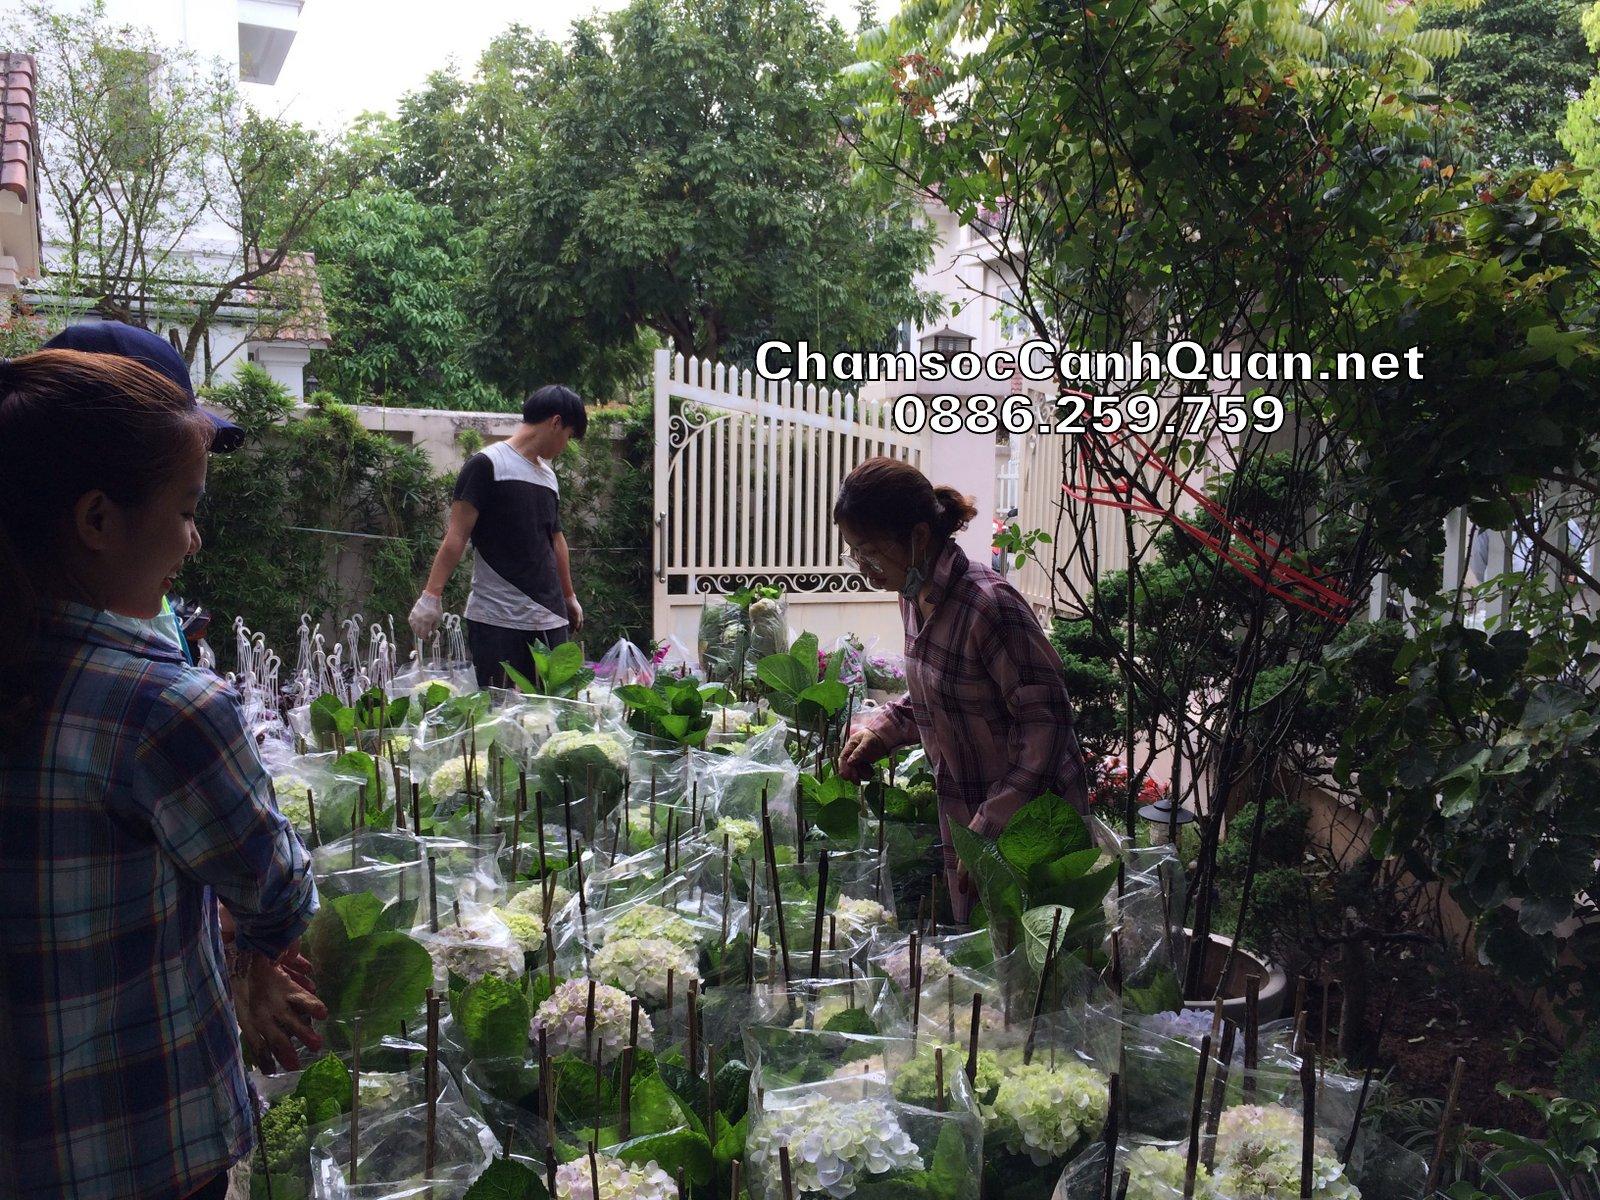 Hoa cẩm tú cầu tđược vận chuyển đến để trồng trong sân vườn